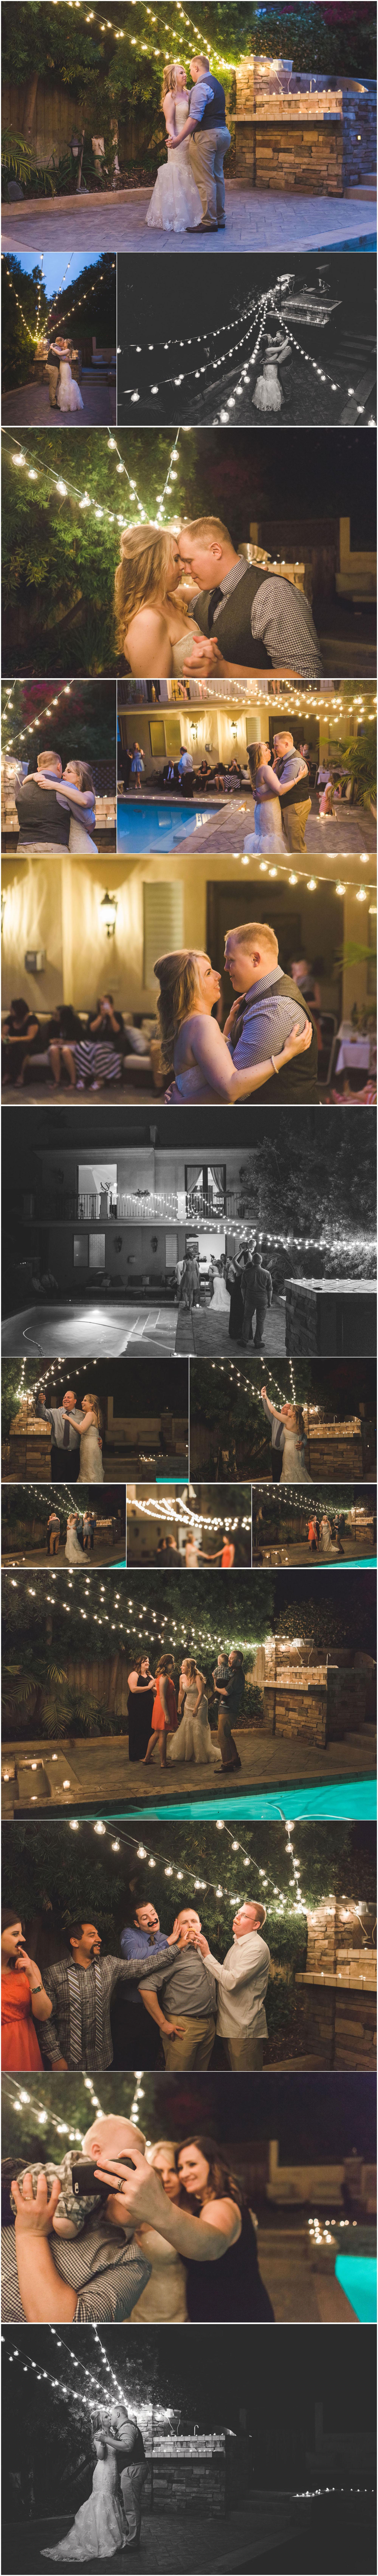 ashley vos photography seattle area wedding photographer courthouse wedding backyard wedding seattle washington_0122.jpg